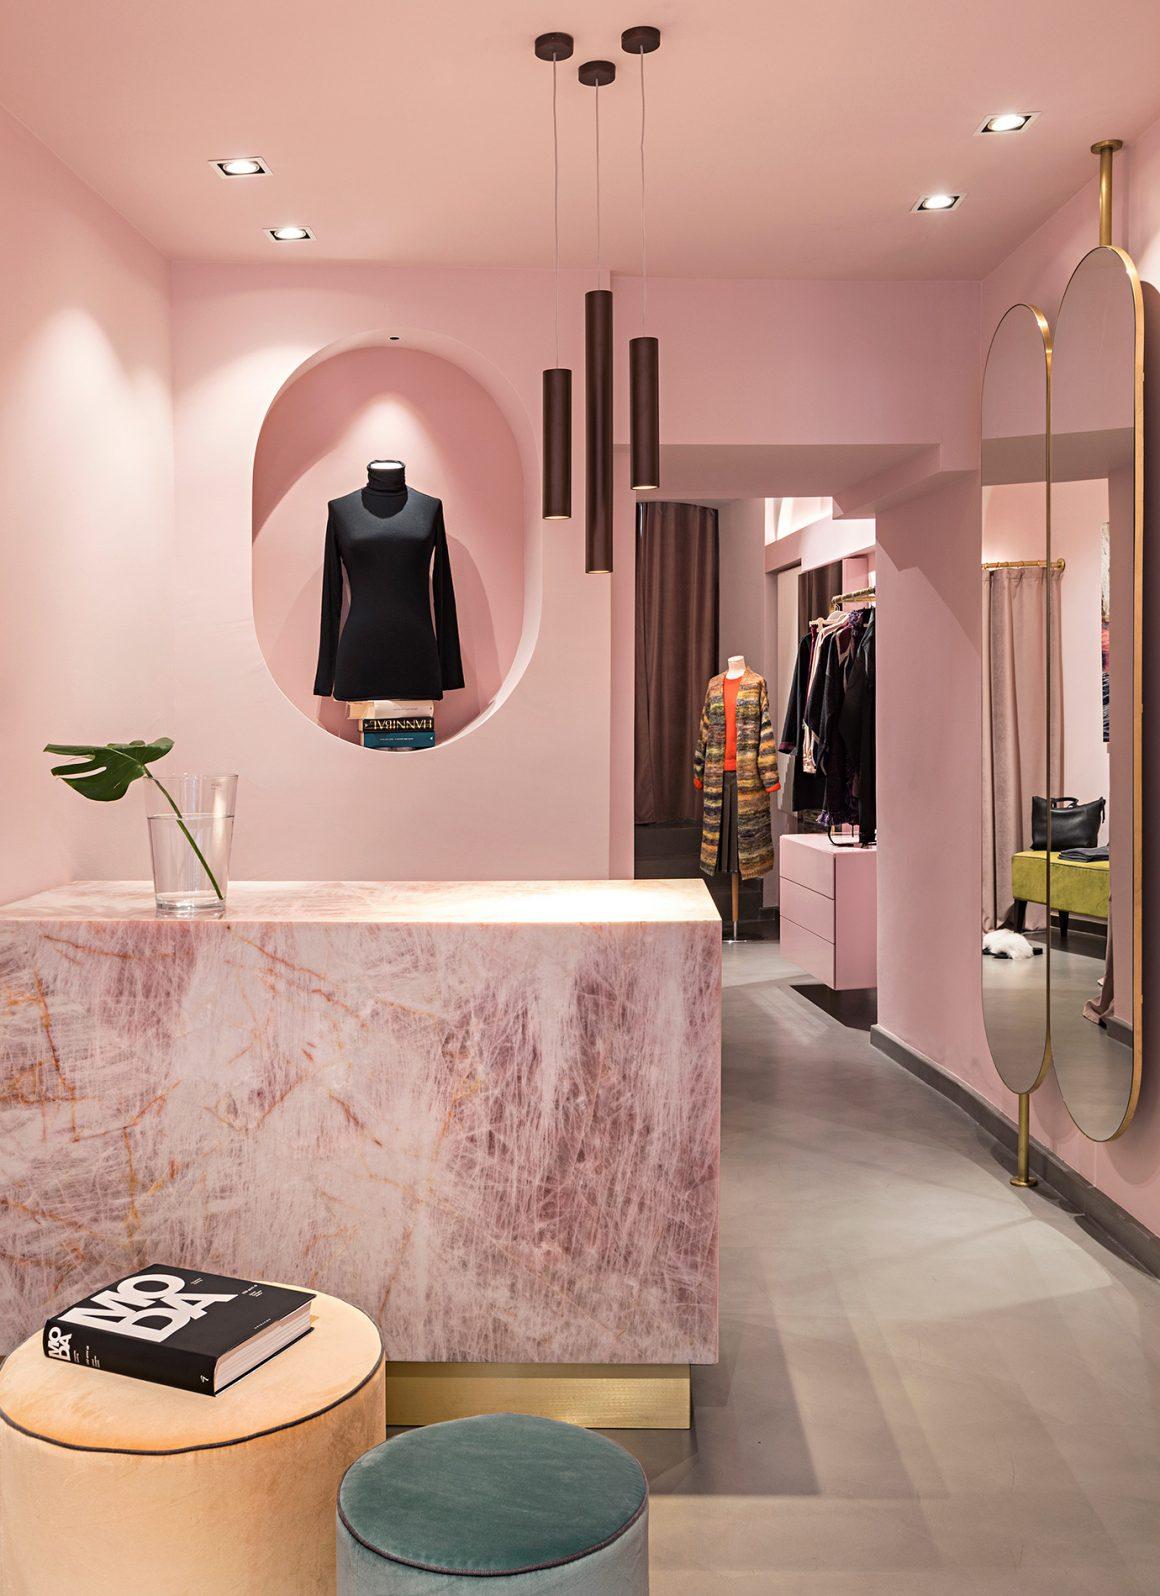 murs de boutique de vêtements peint en nuances de rose avec un comptoir en marbre et des miroirs à contours dorés